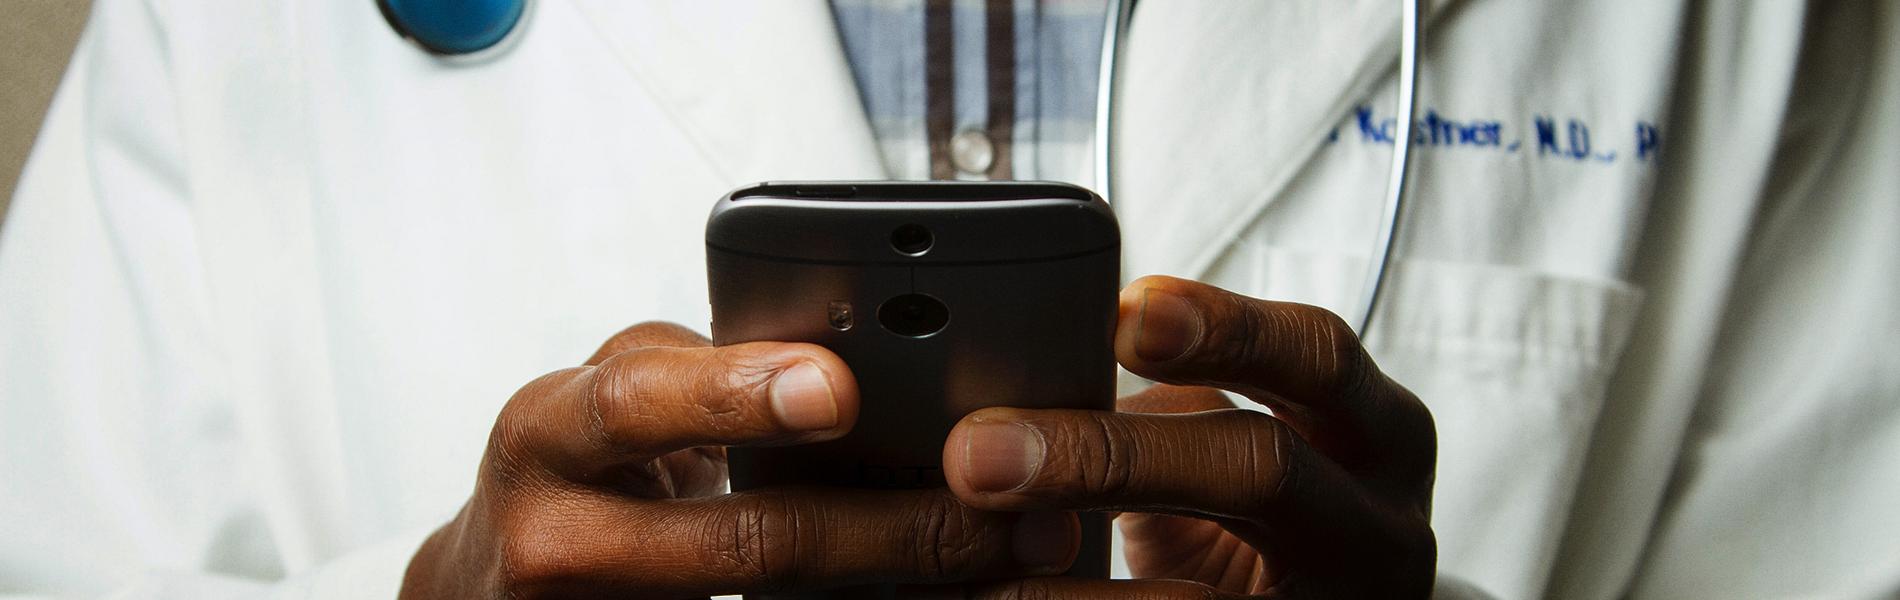 close nas mãos de um médico de jaleco usando um smartphone